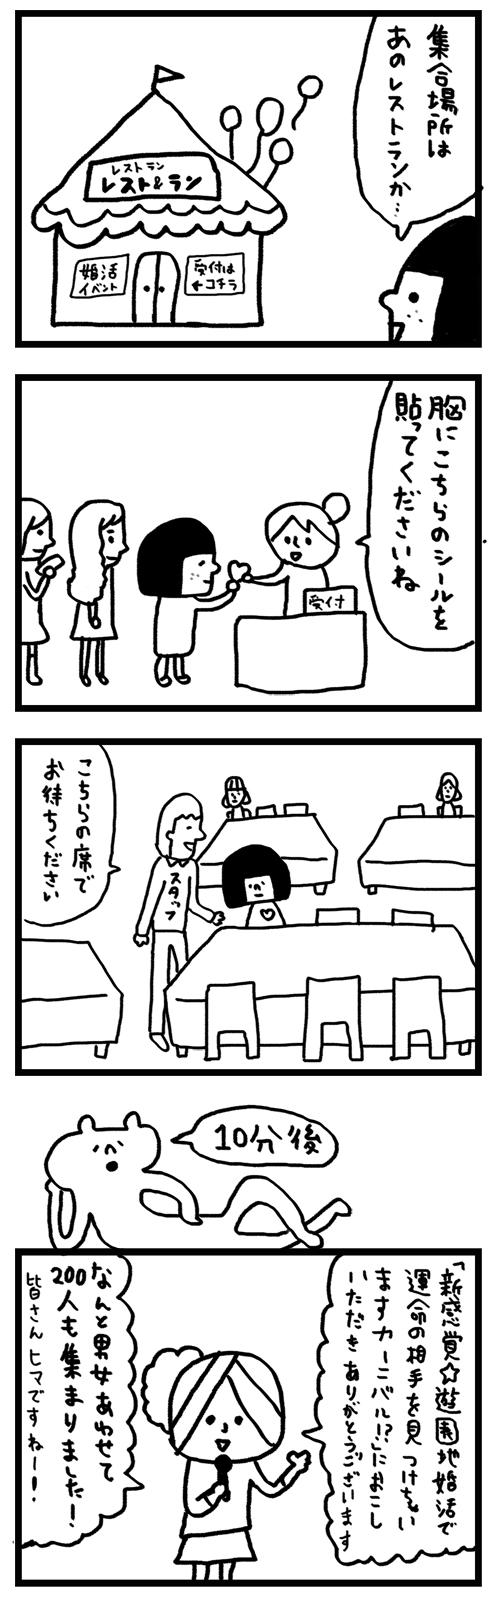 モテないアラサー漫画3